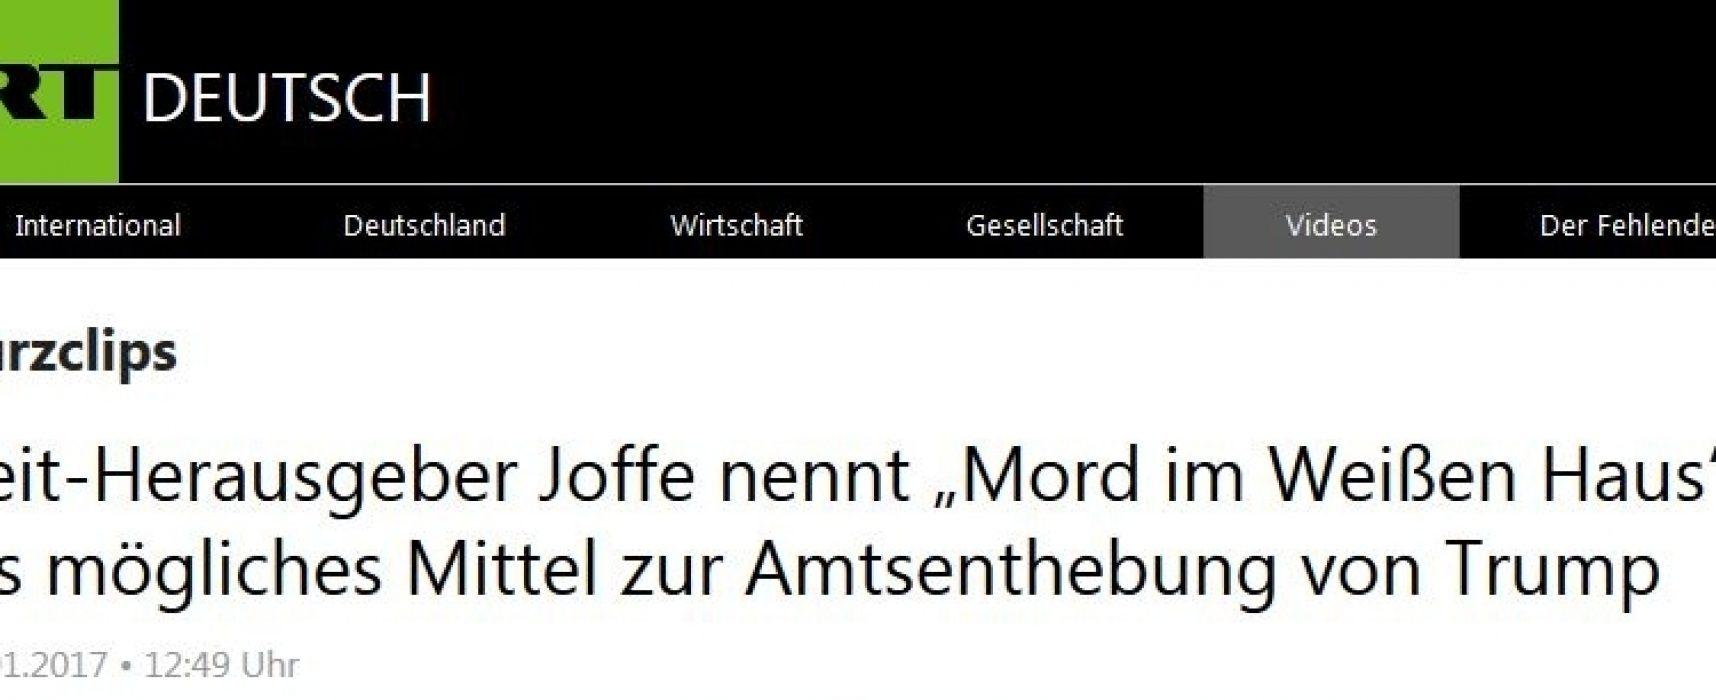 """Fake: Zeit-Herausgeber erwägt """"Mord im Weißen Haus"""" für Trump-Amtsenthebung"""